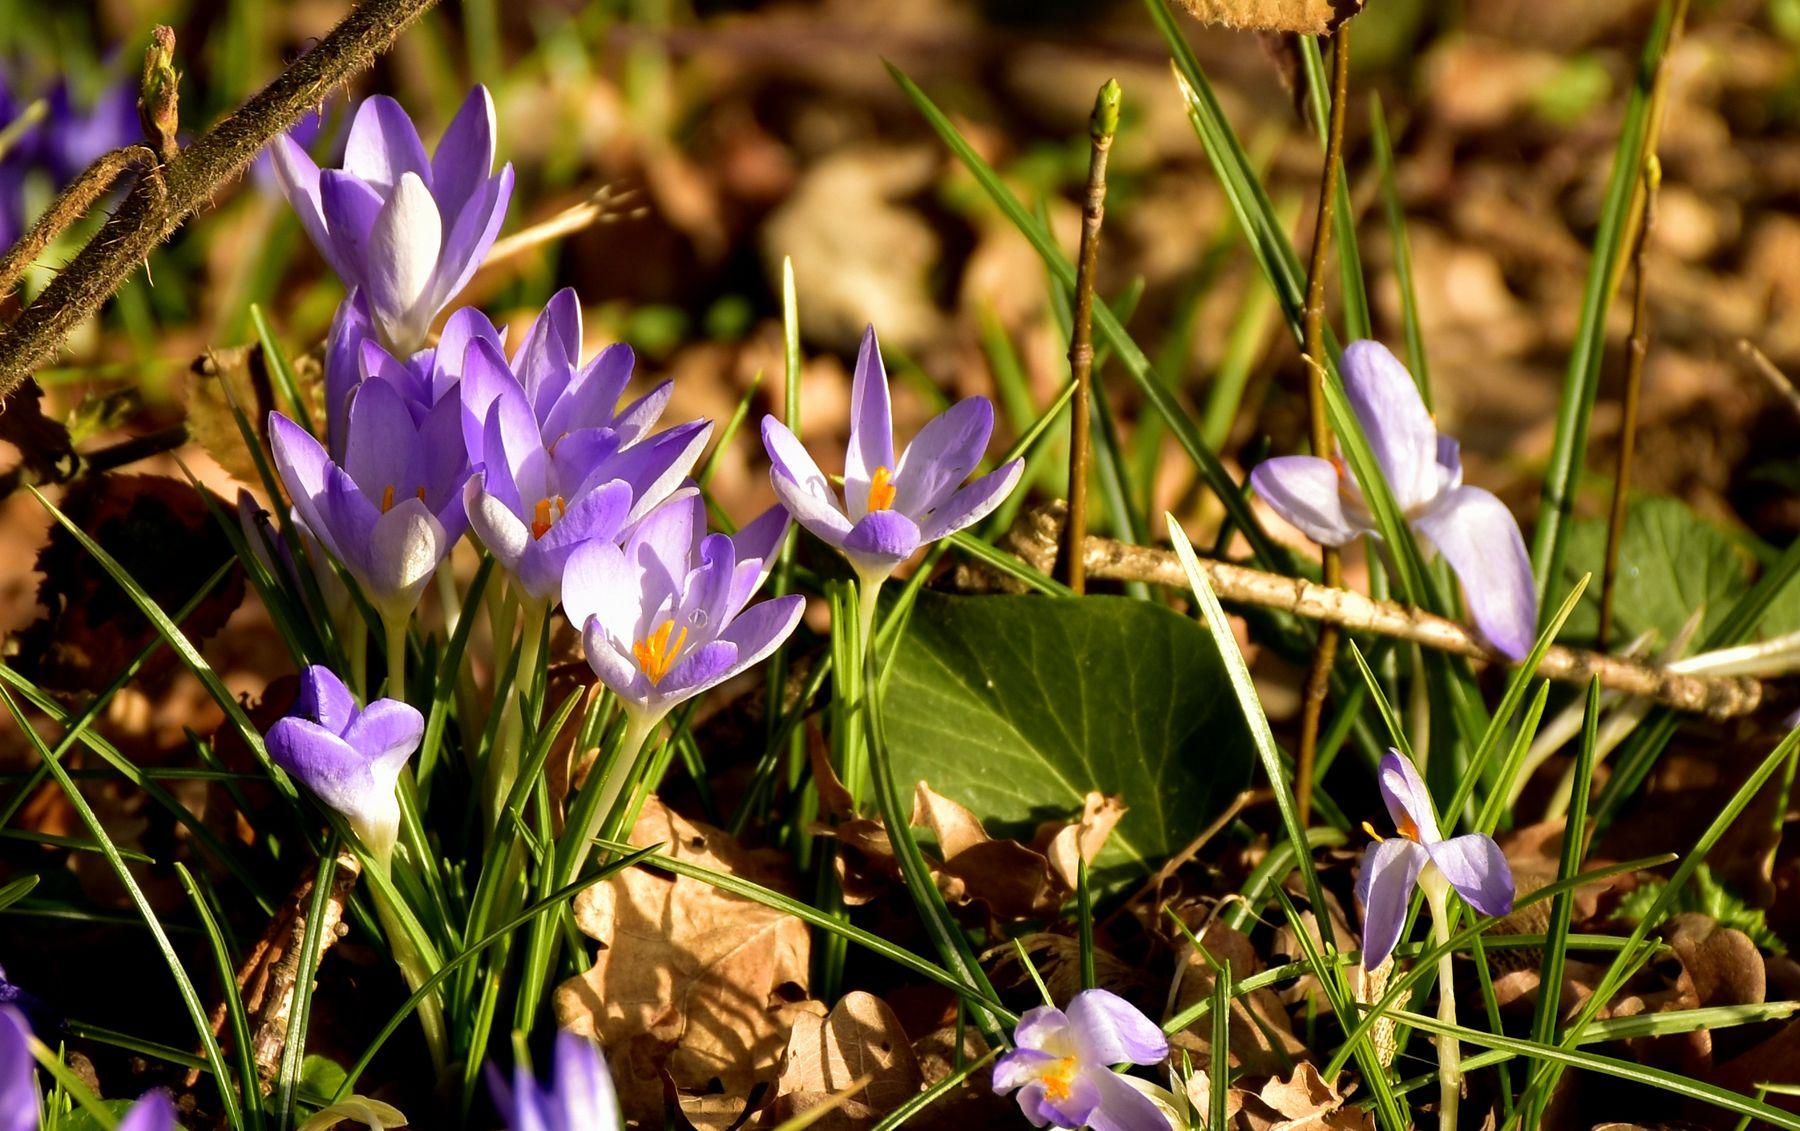 Первоцветы-крокусы весна крокусы цветы сиреневое